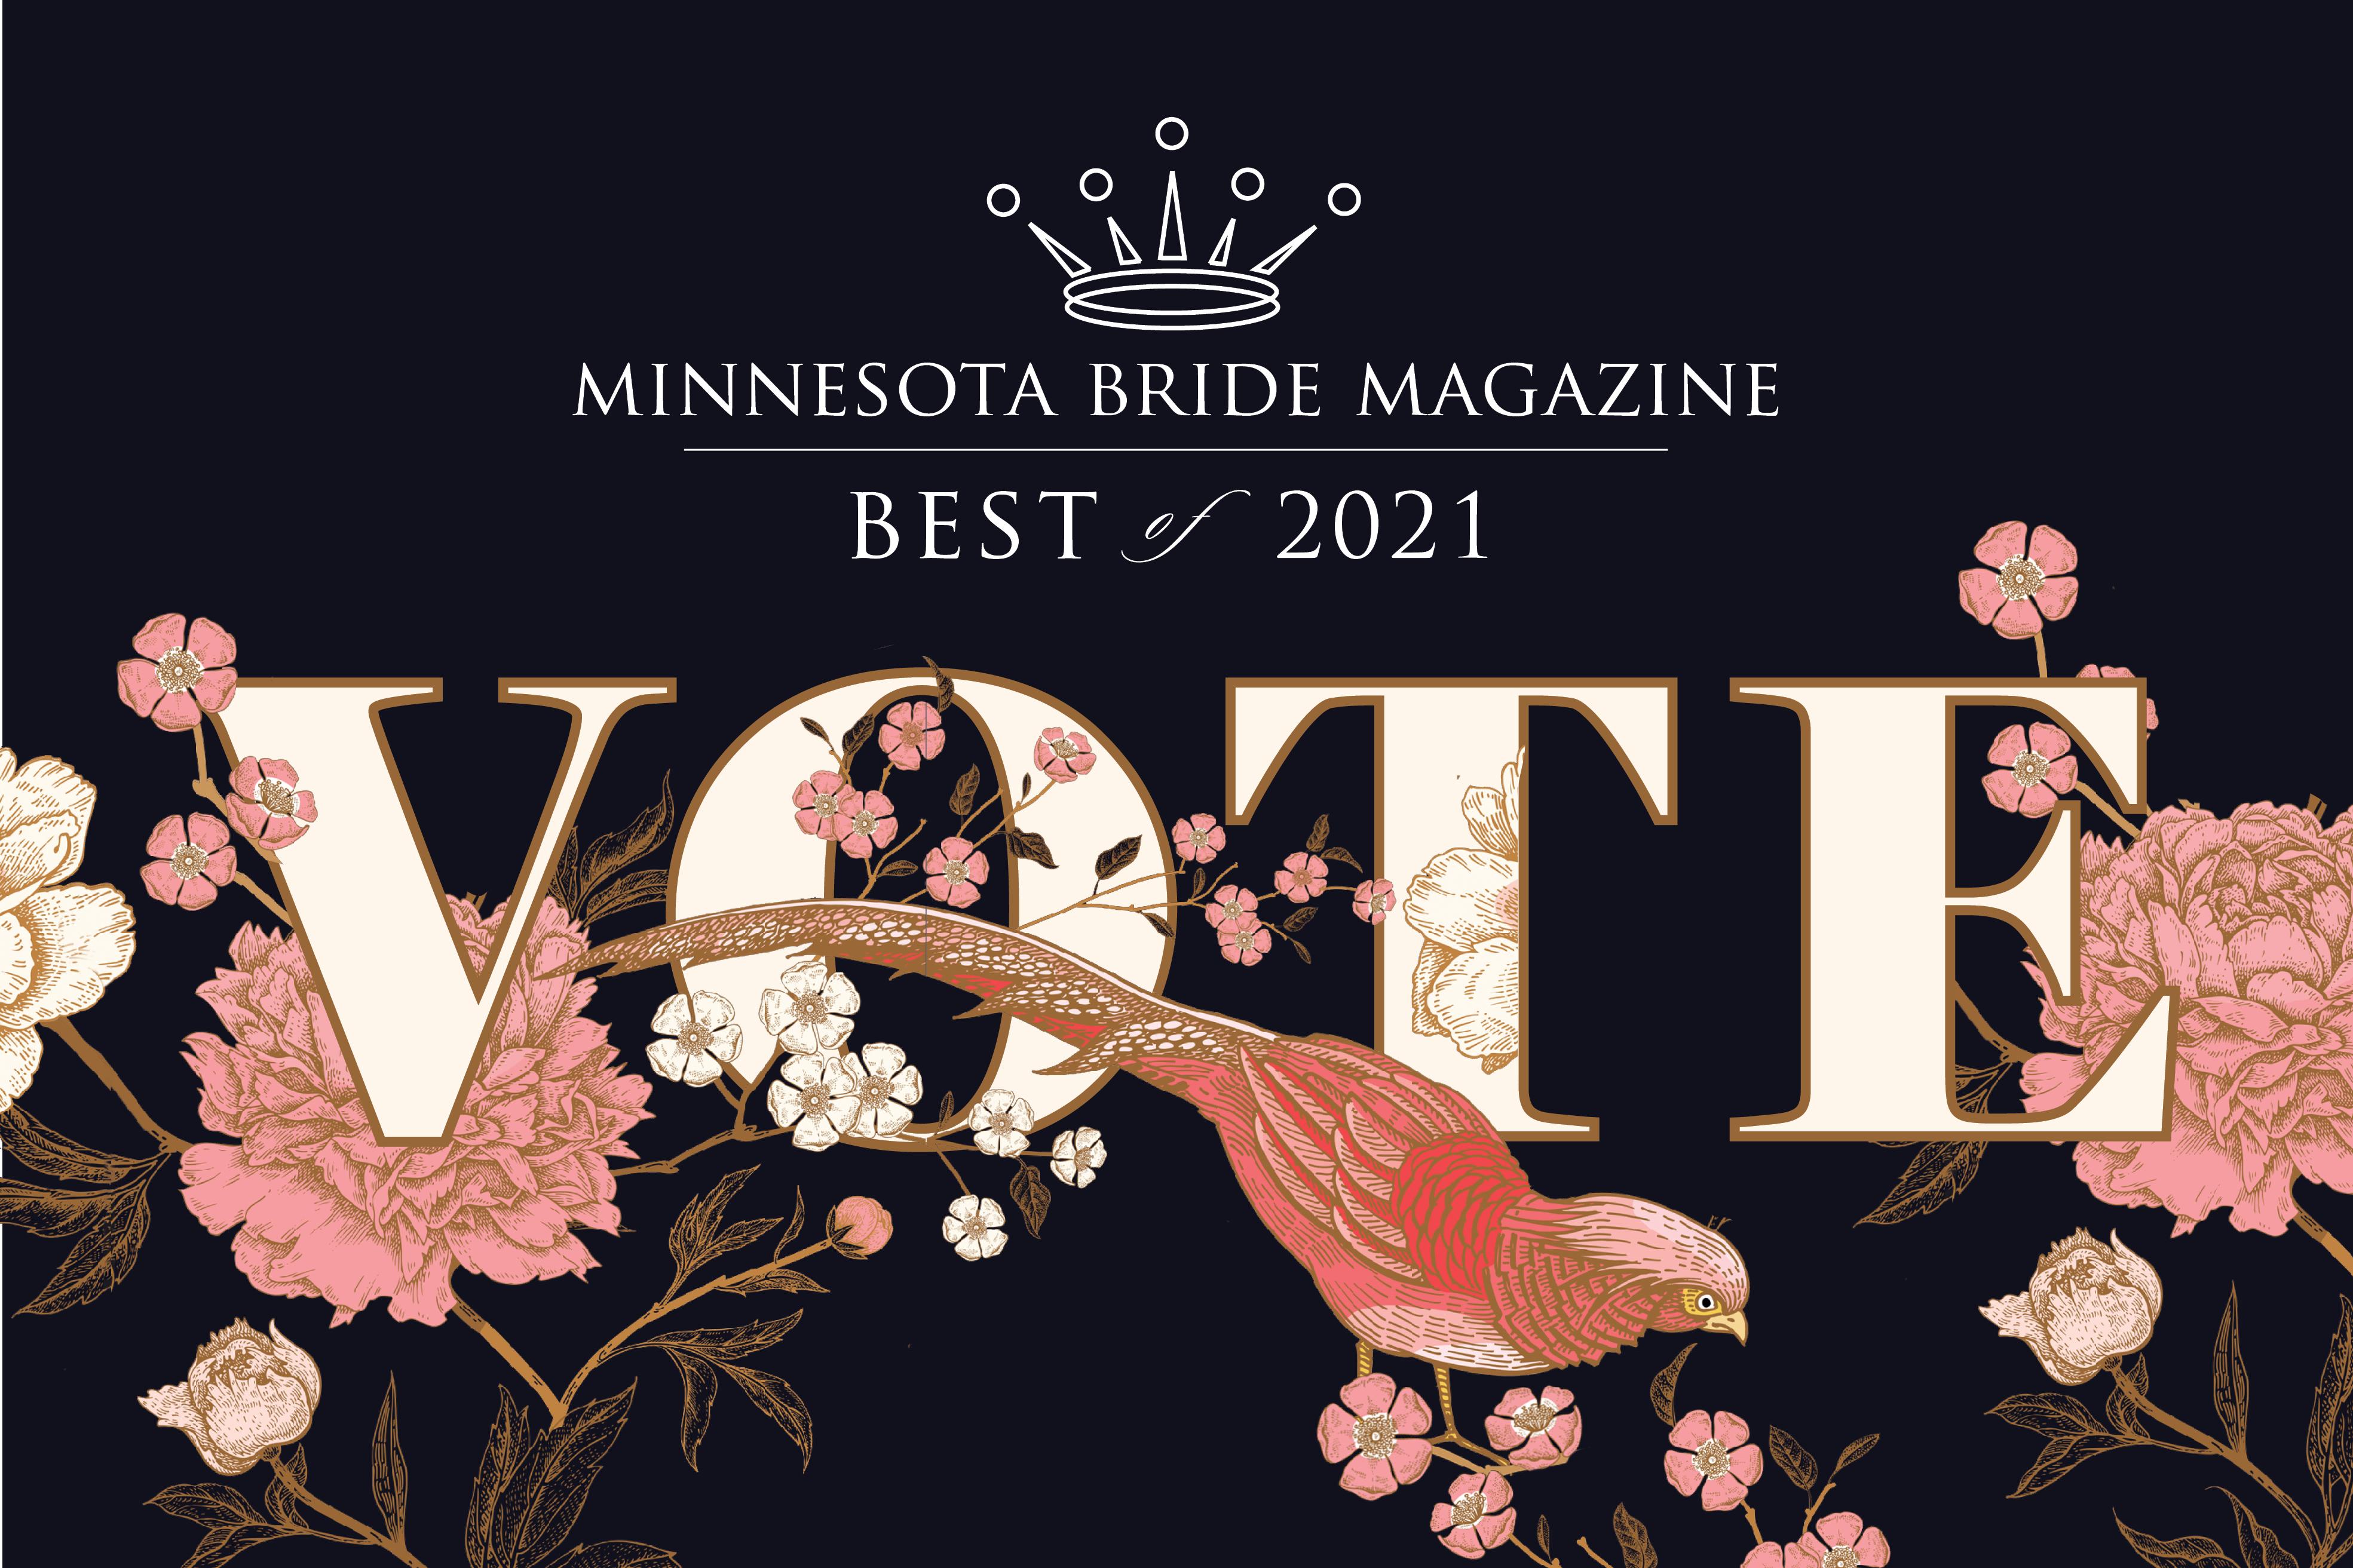 MN Bride Best of 2021